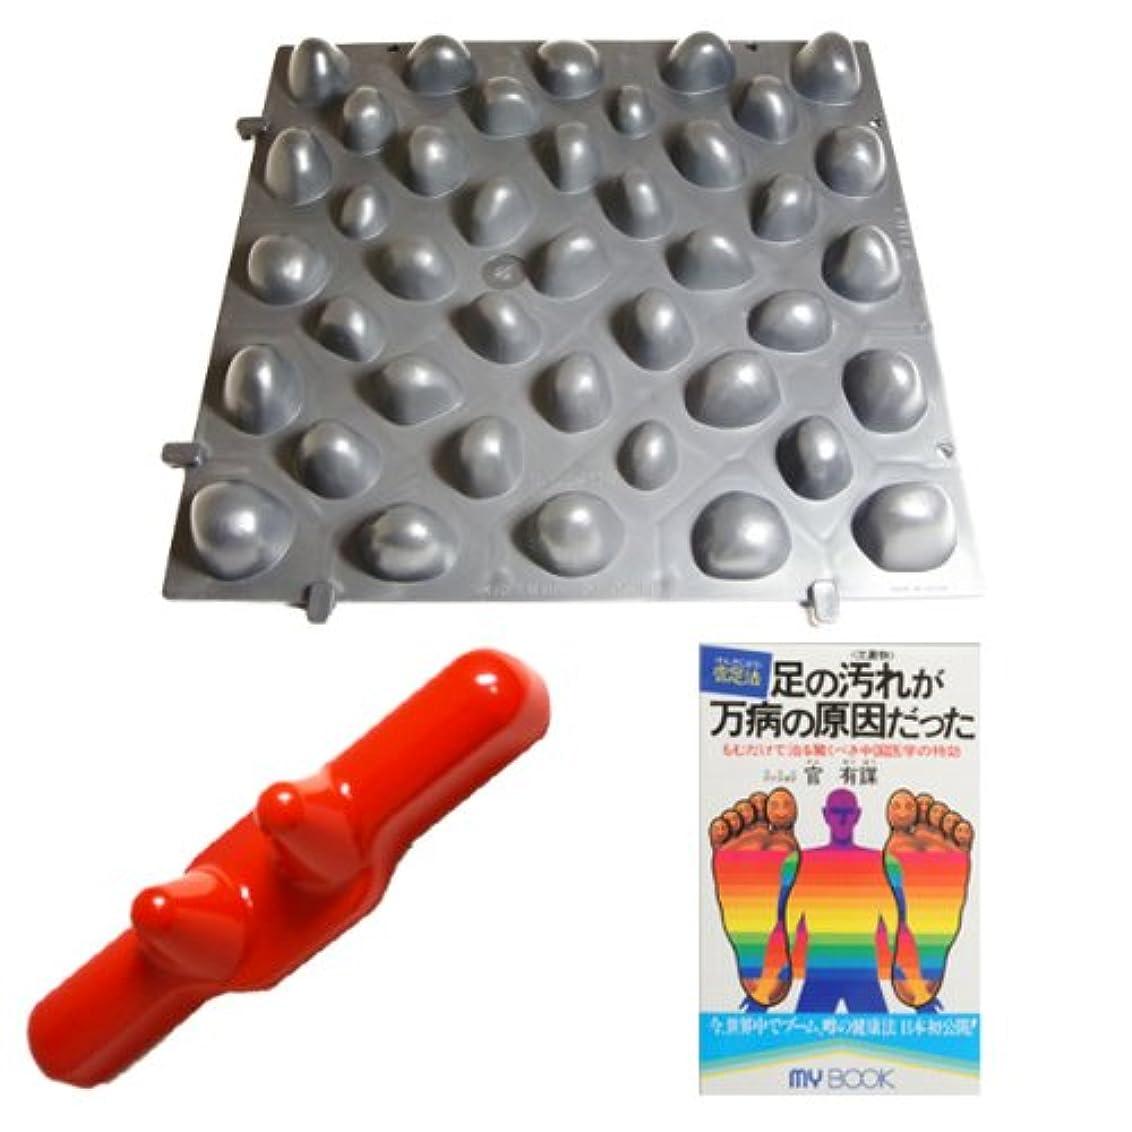 機動顕微鏡ブレス官足法ミニ3点セット プチマット、赤棒ミニ、足の汚れが万病の原因だった(書籍)